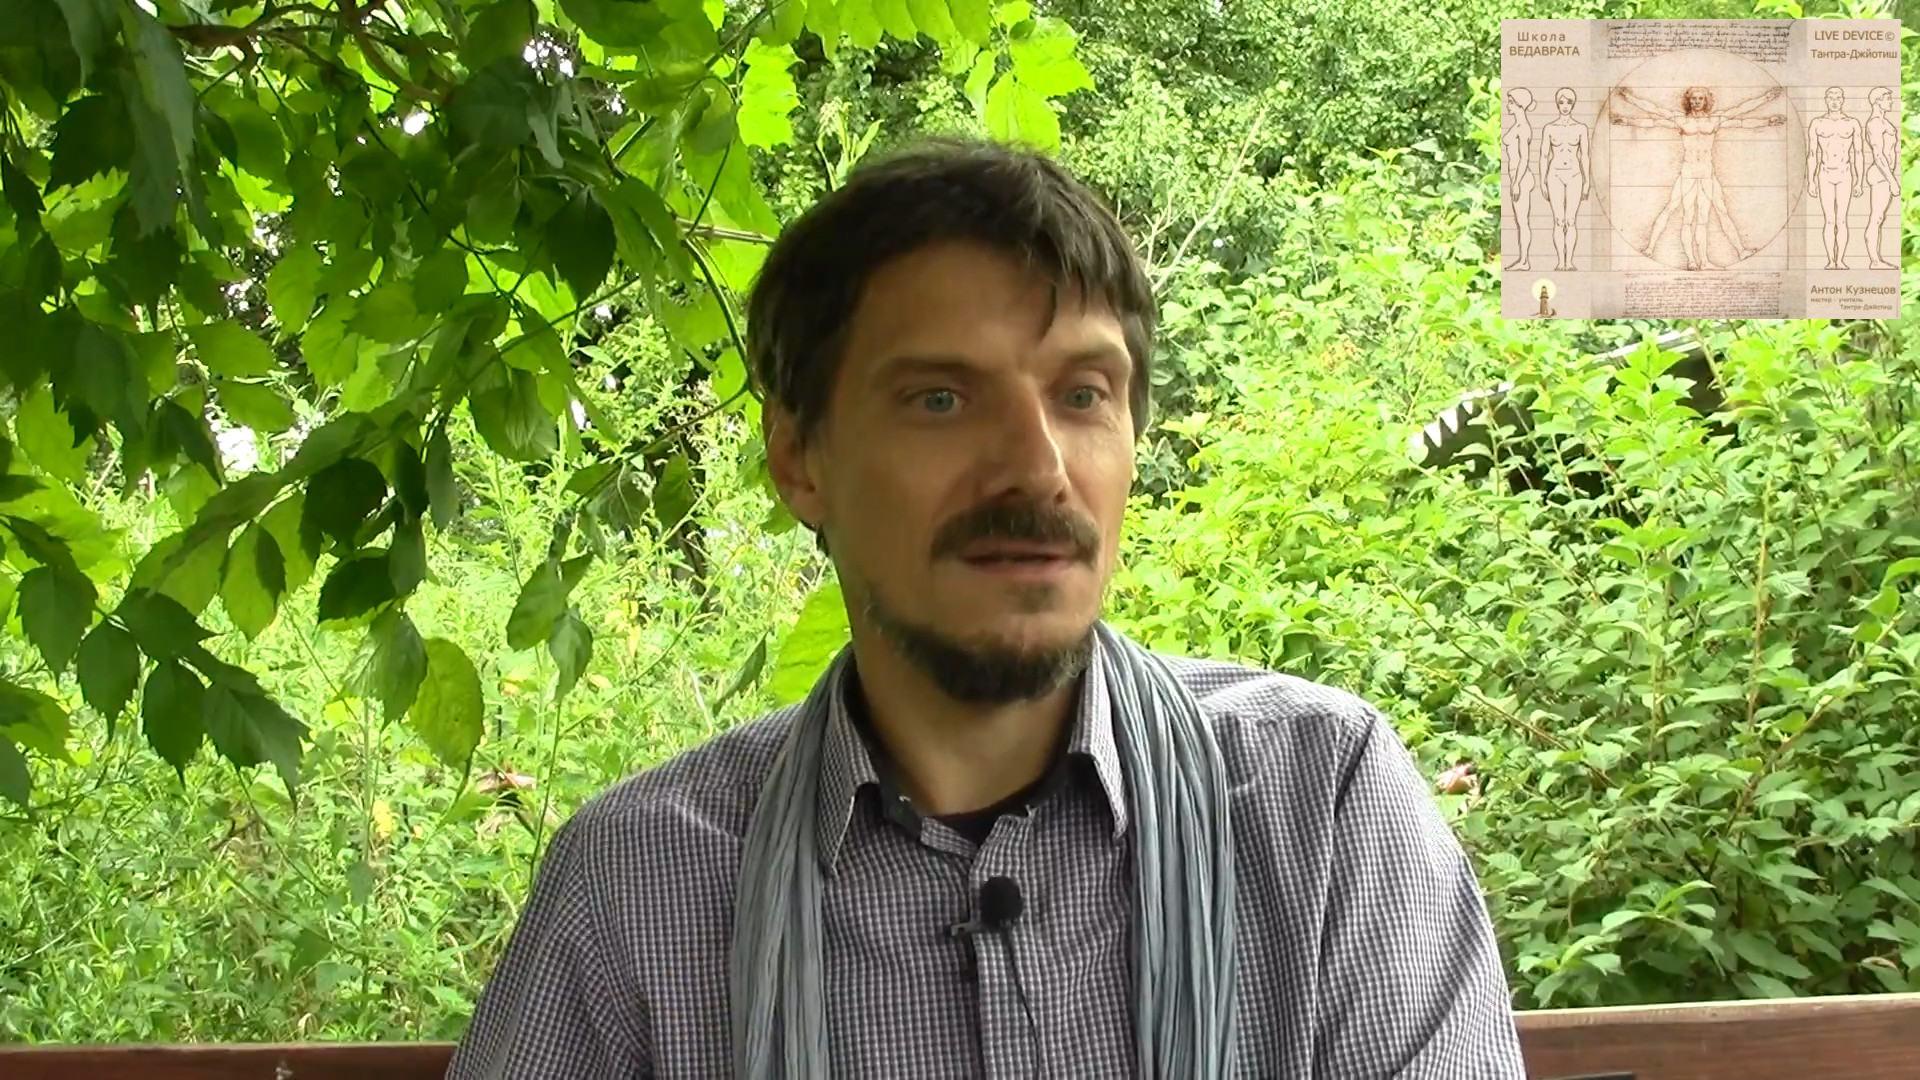 *** Выступления и семинары фестиваль ДжйотиФест2020 — Антон Михайлович Кузнецов и Школа Ведаврат ***